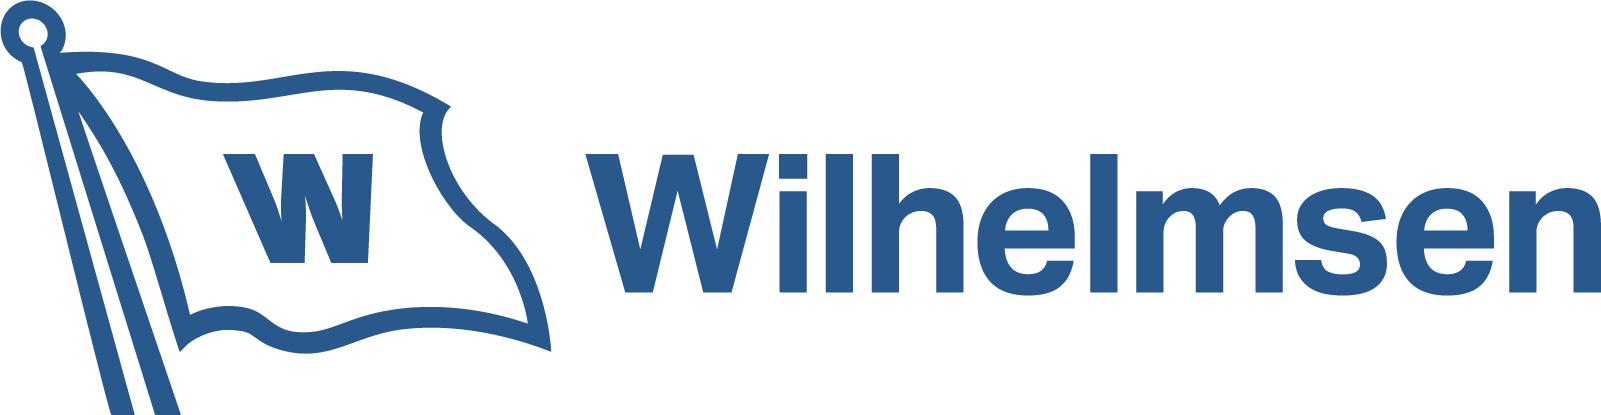 Wilhelmsen_Logo_RGB-1600.jpg